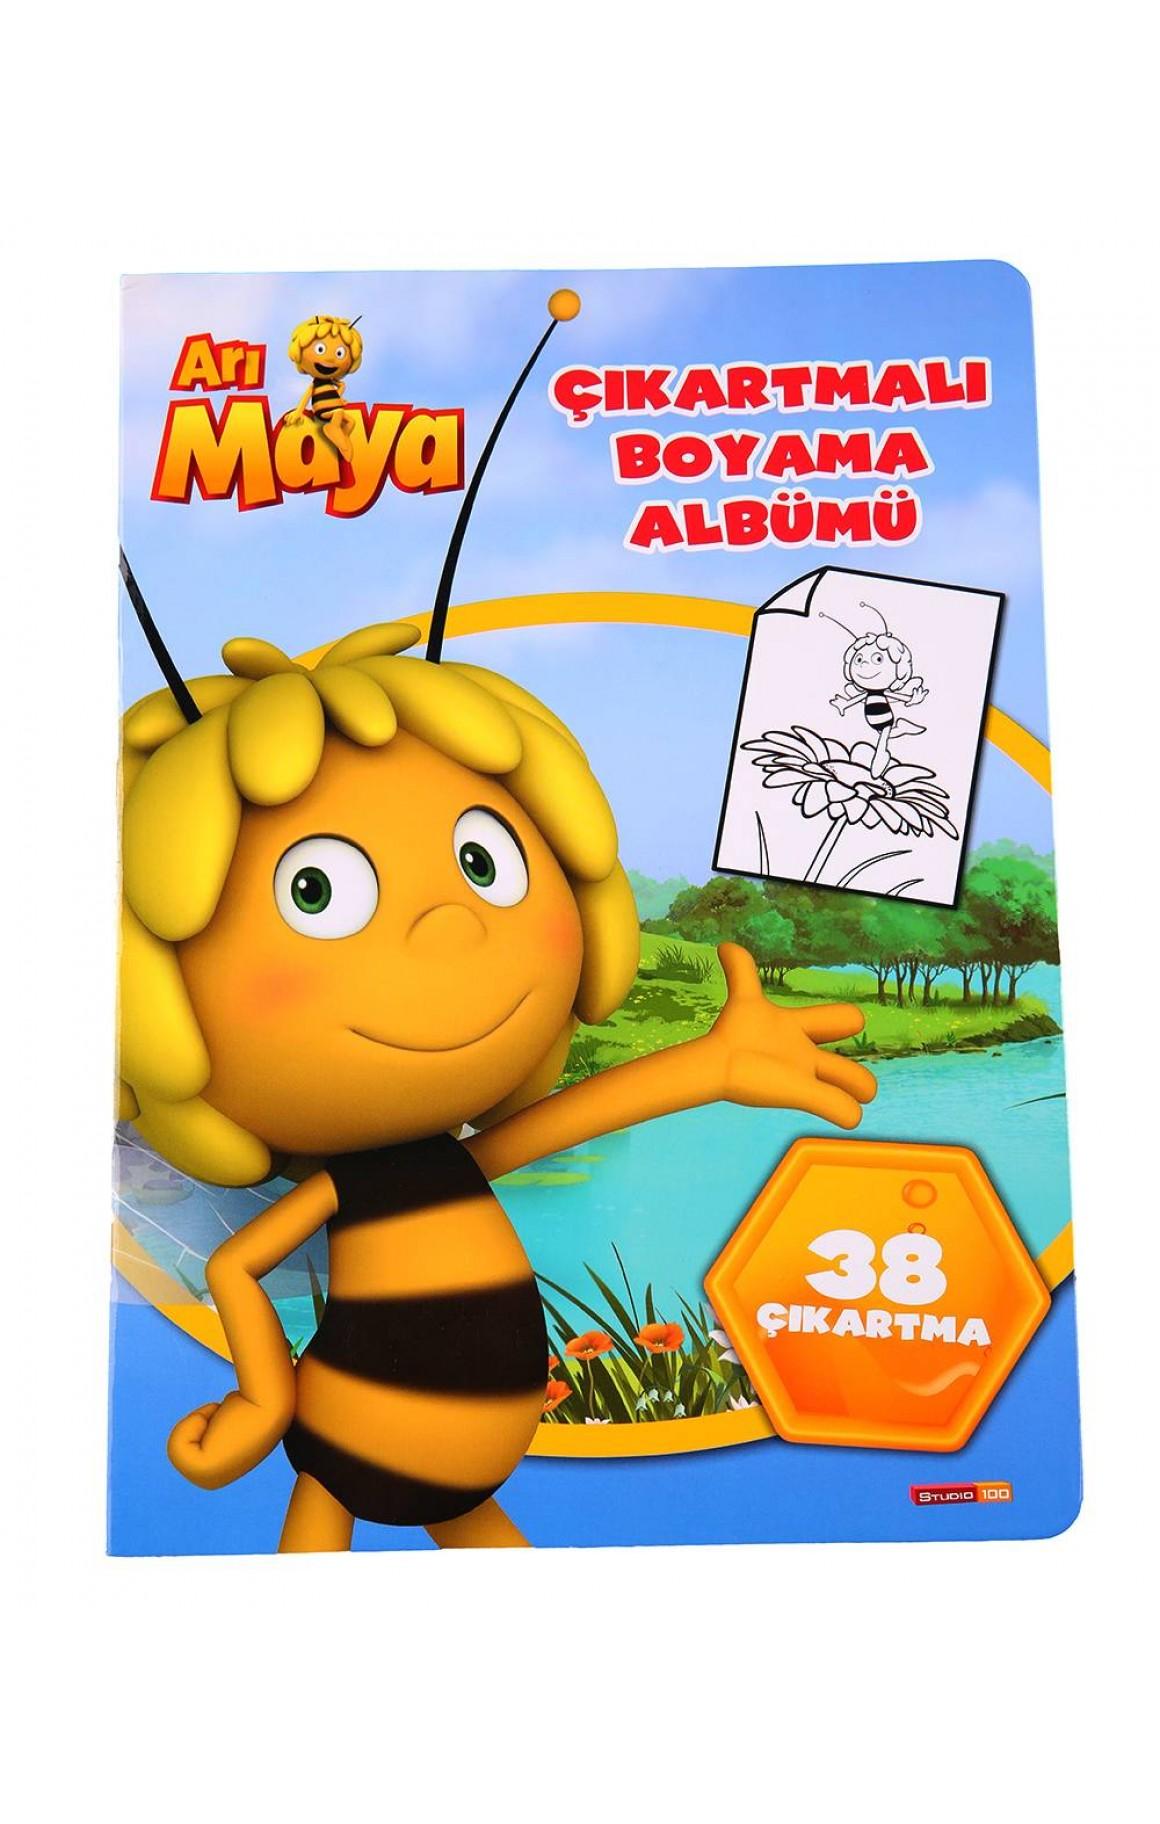 Ari Maya Cikartmali Boyama Albumu